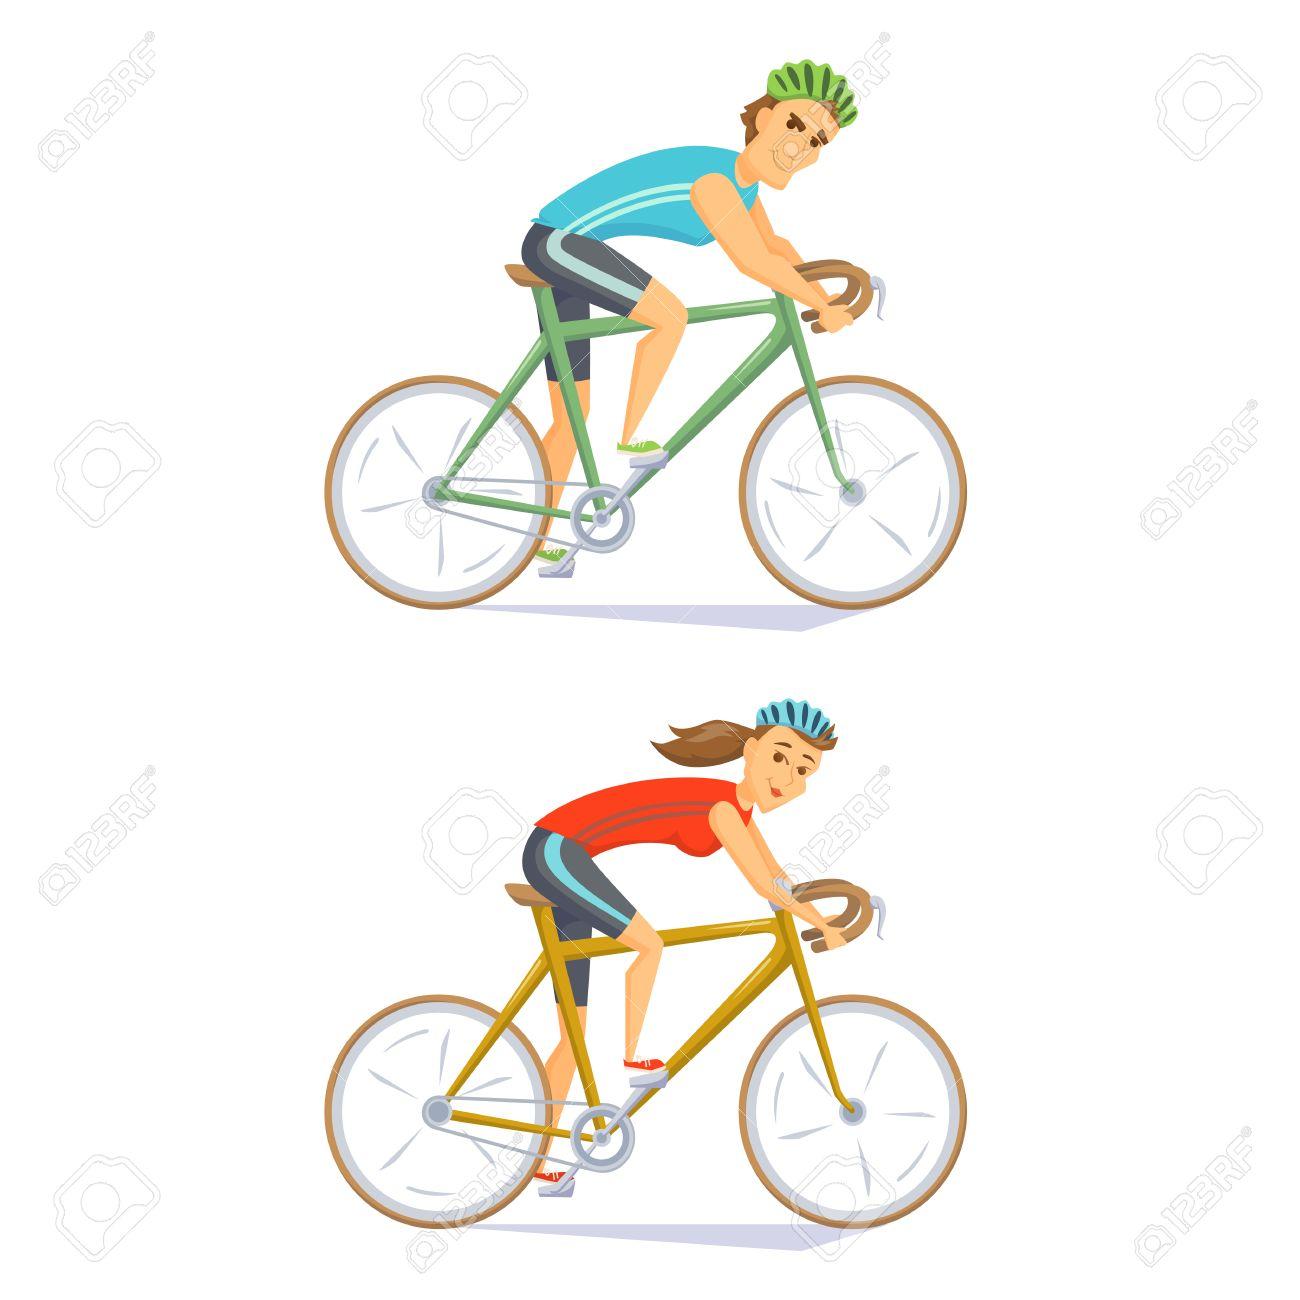 Les Cyclistes Sur Des Vélos De Route Fixés Les Gens à Cheval Vélo Cyclistes Homme Et Femme Couple Sur Compétition Cycliste Vecteur De Caractères